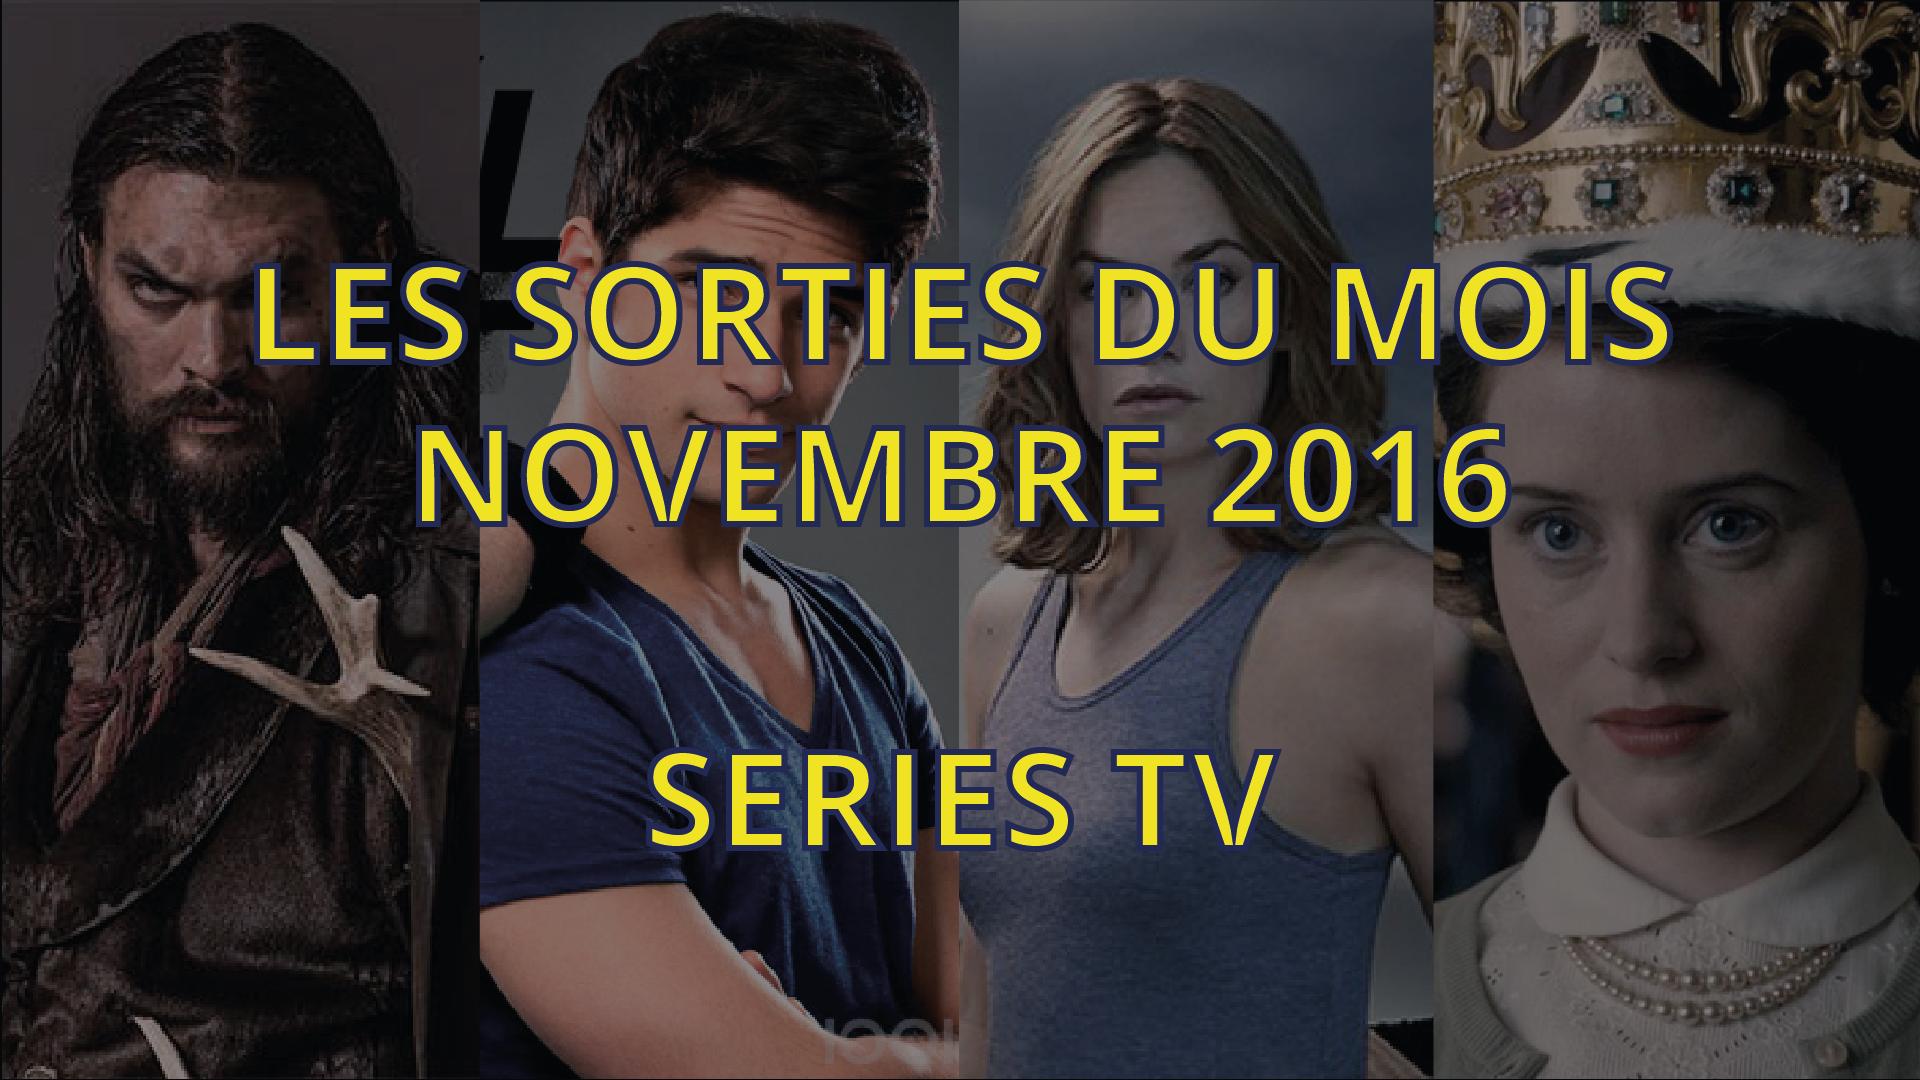 series-tv-novembre-2016-01